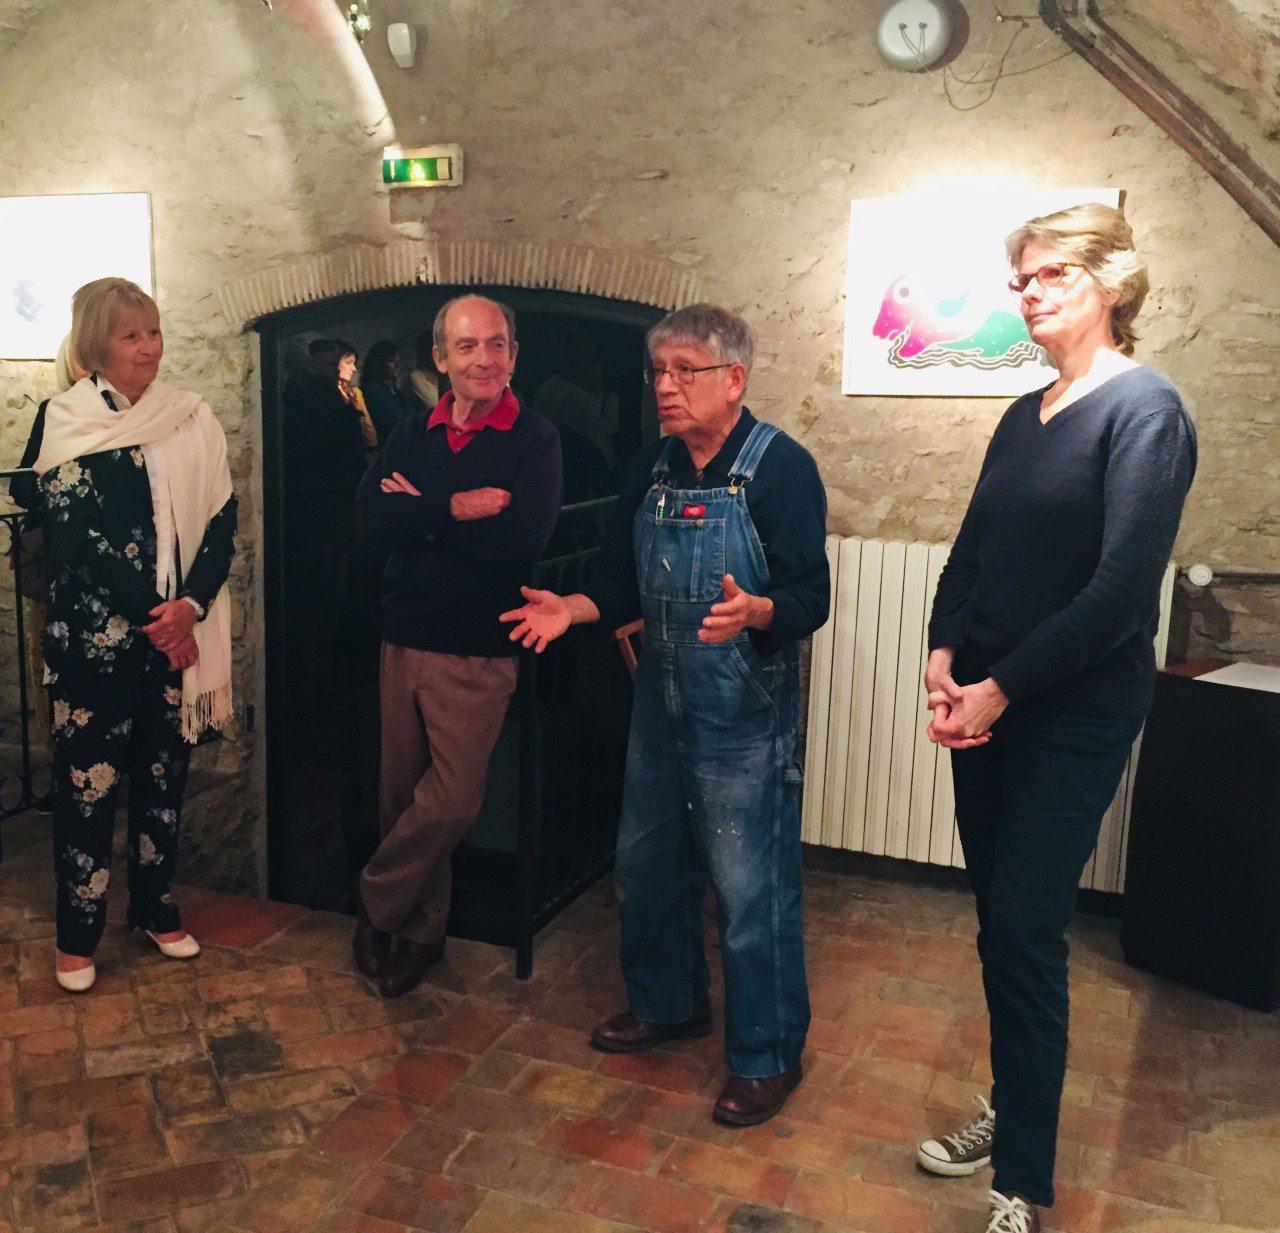 Les artistes dans le cadre culturel de la chapelle.